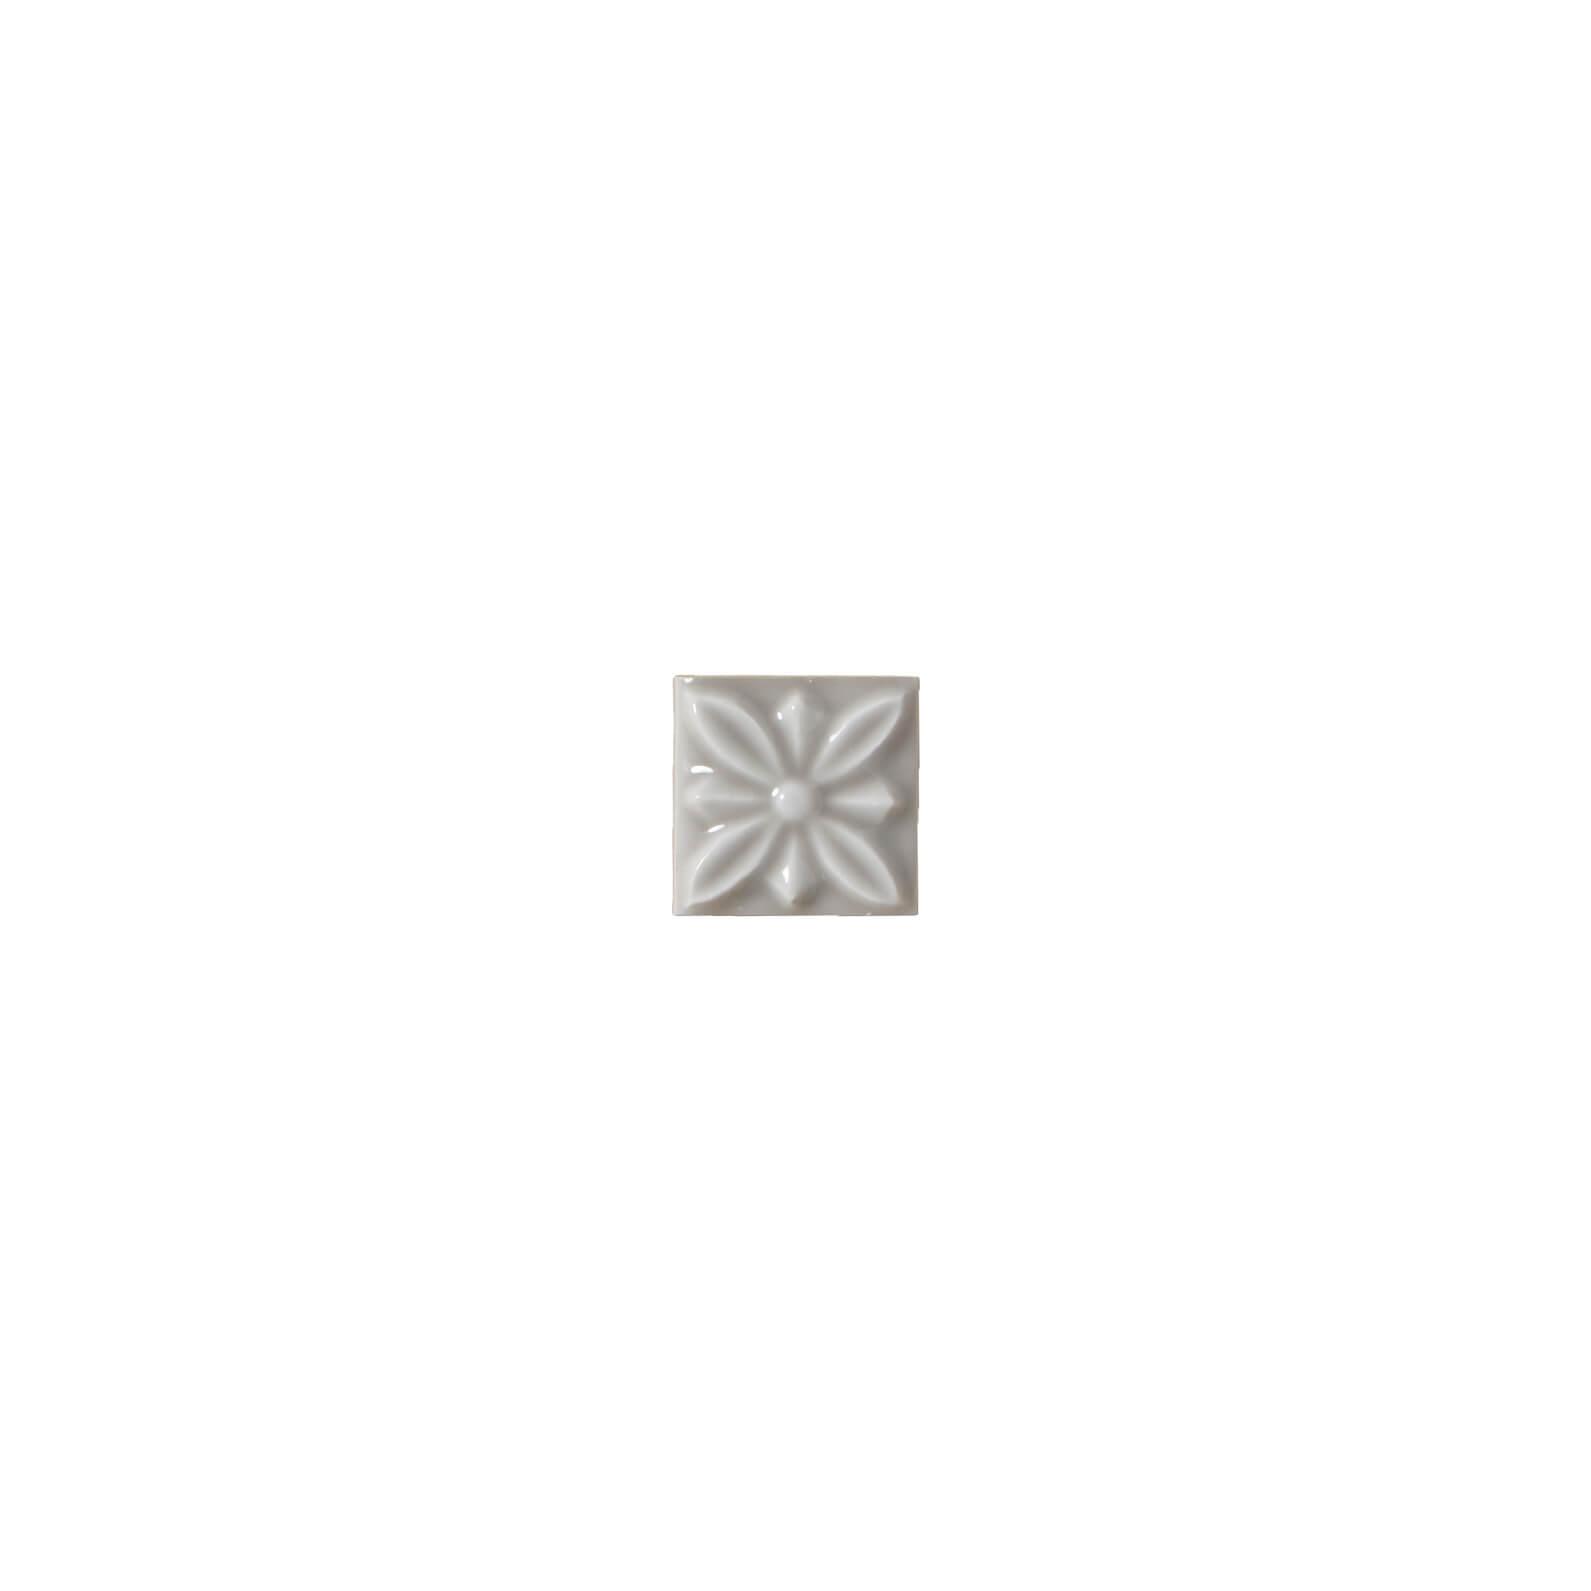 ADST4059 - TACO RELIEVE FLOR Nº 1 - 3 cm X 3 cm